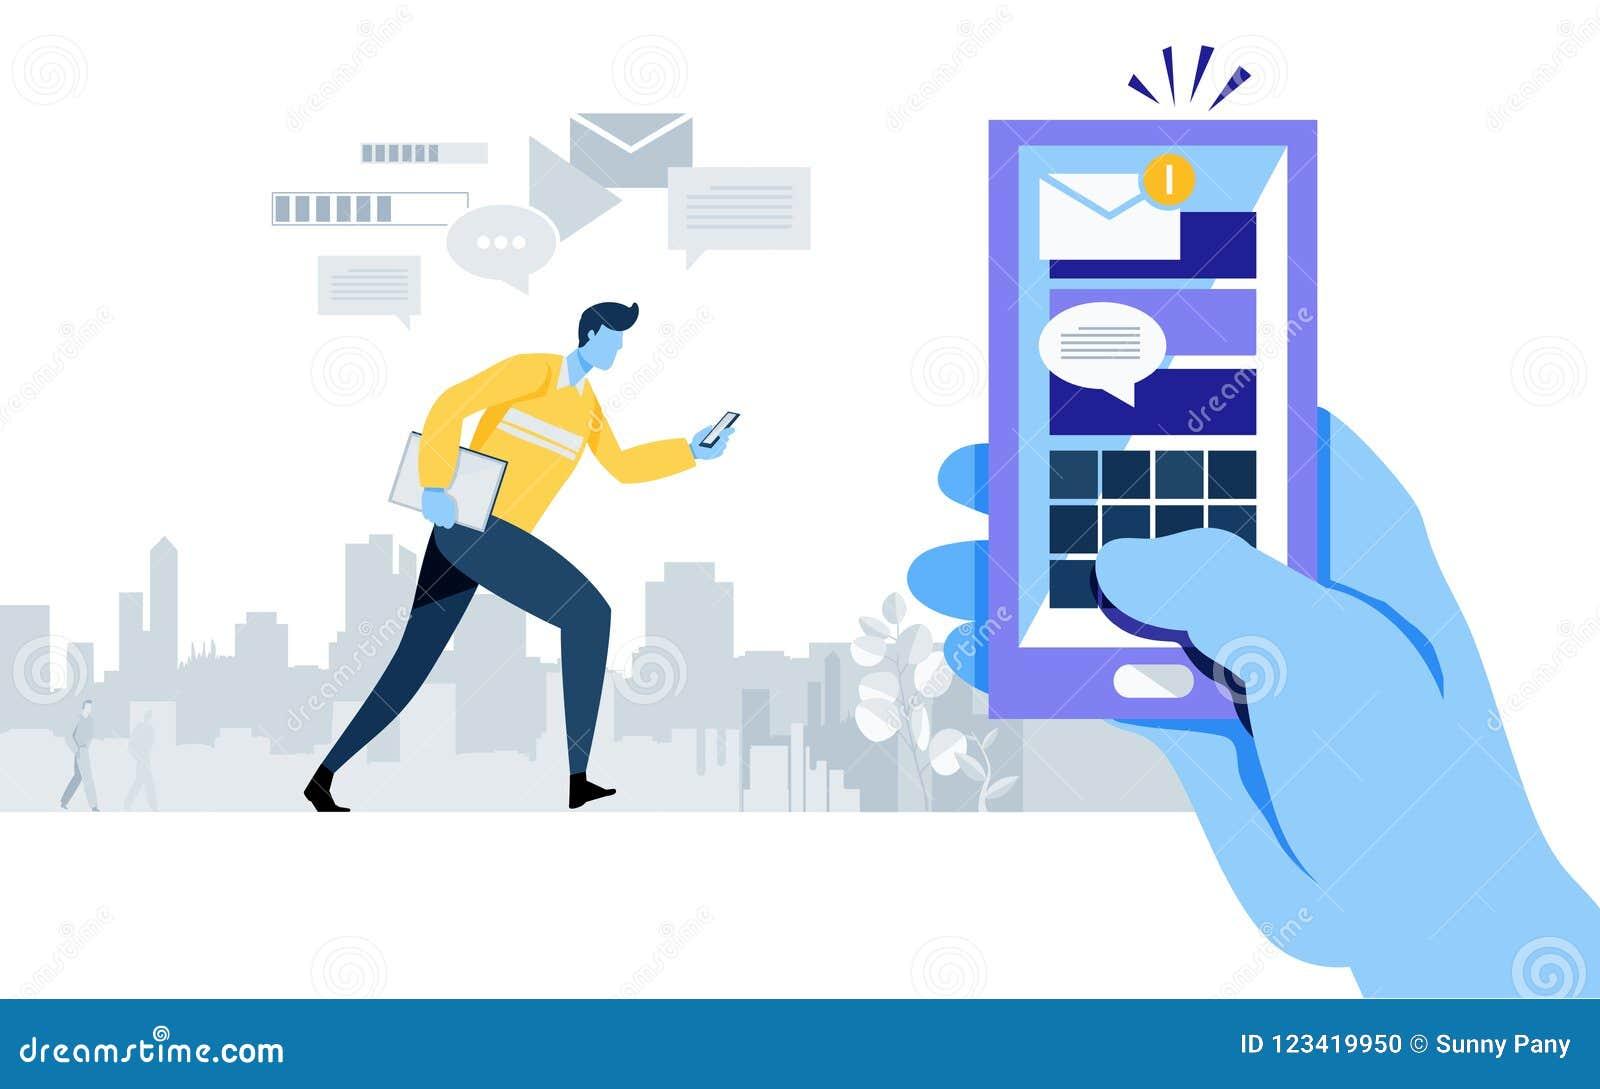 Gekregen nieuw e - post berichtalarm Smartphone-toepassing Online verbinding Verzend Bericht Sociale Media arbeider, zakenman